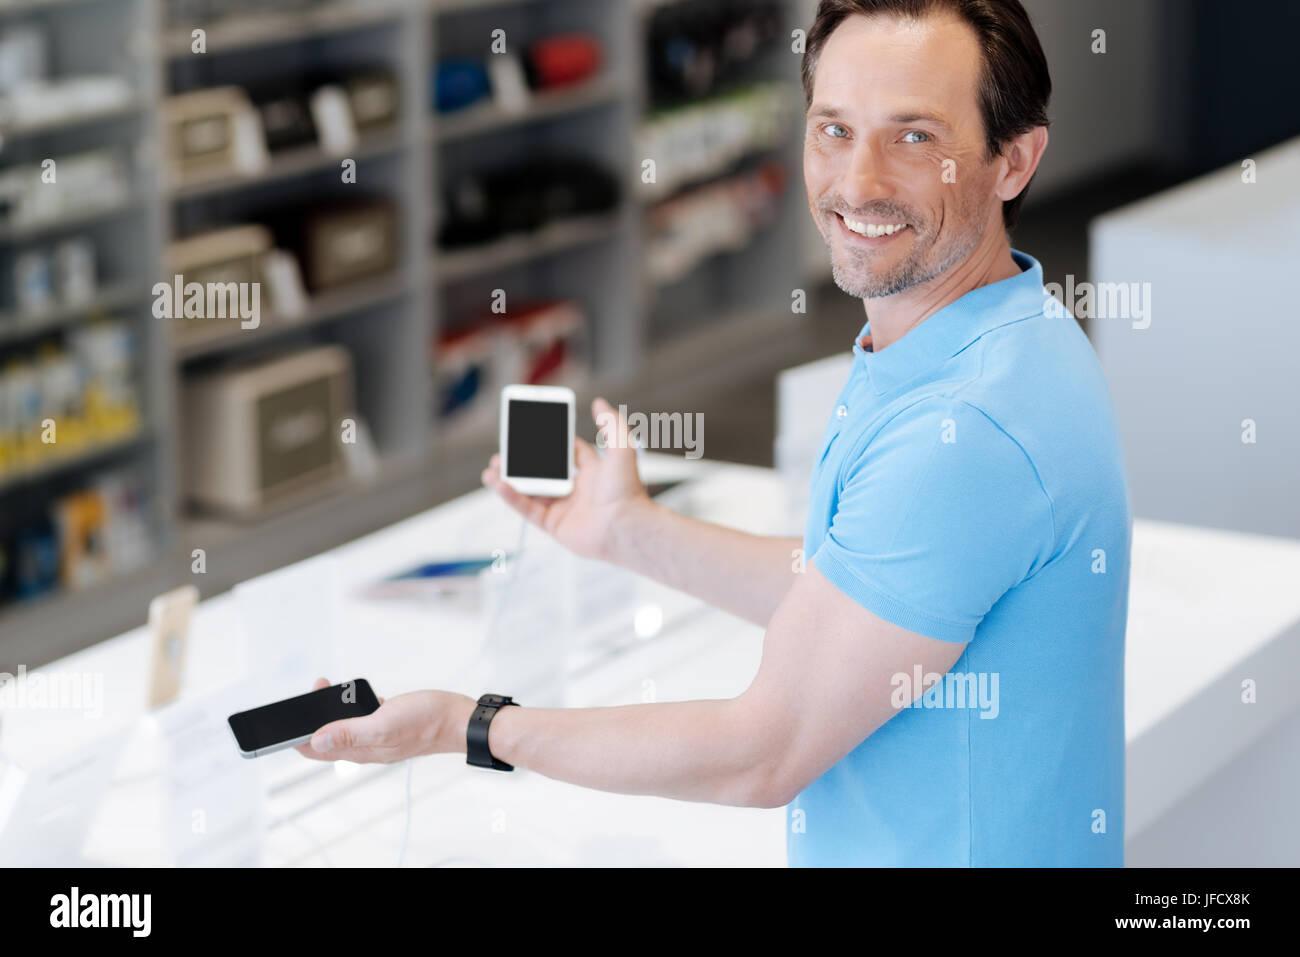 Non sapete quale scegliere. Uomo radiante grinning ampiamente durante l'acquisto di un nuovo telefono e la scelta Foto Stock